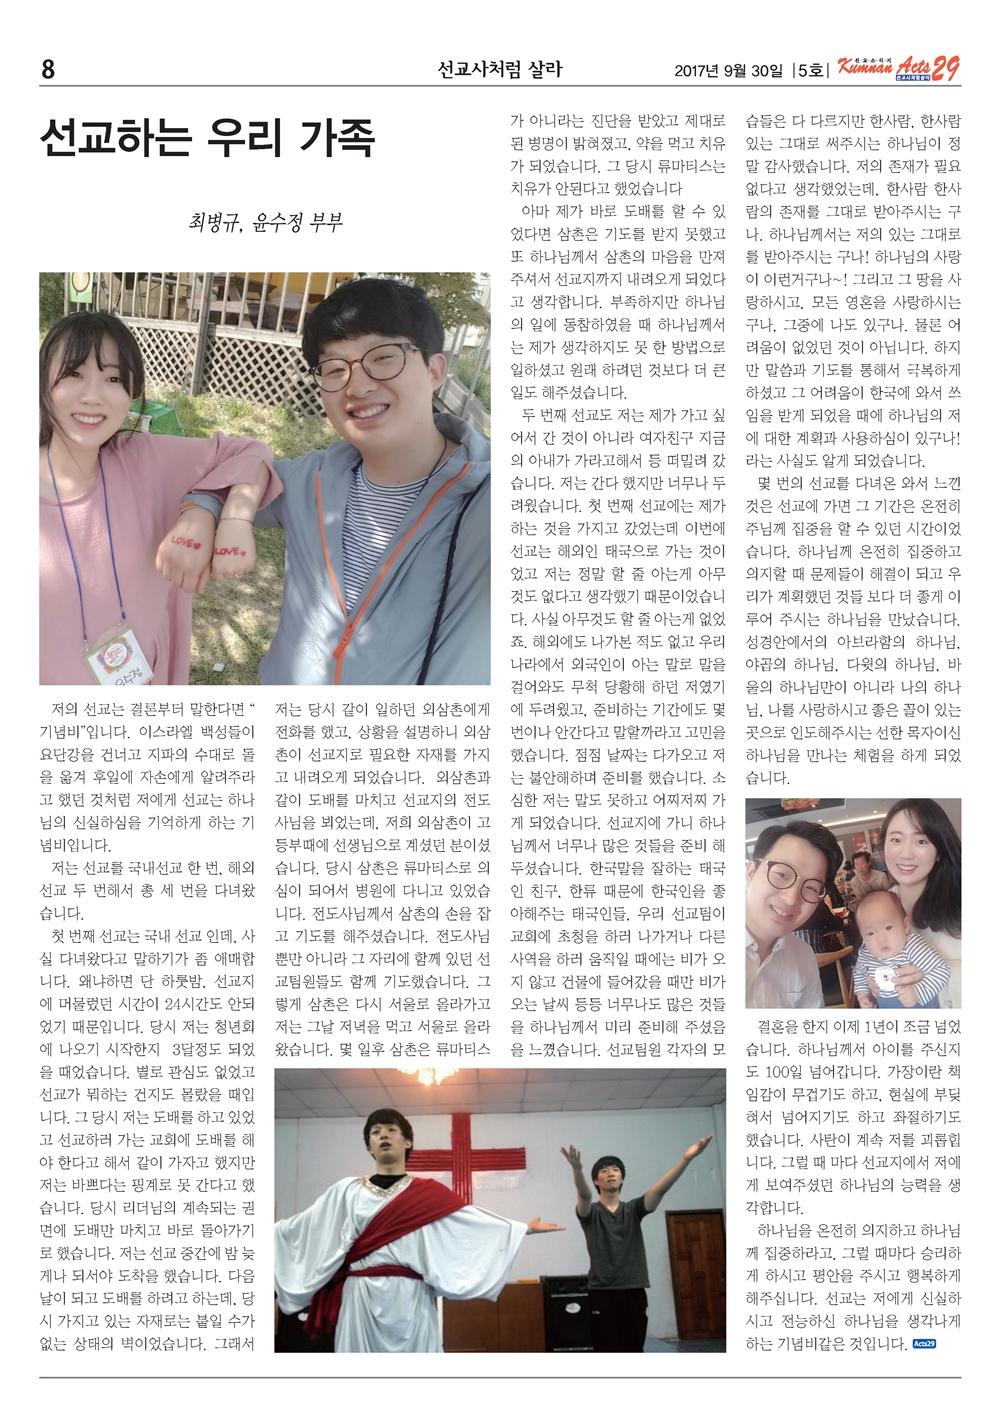 금란선교소식지 5호_Page_08.jpg